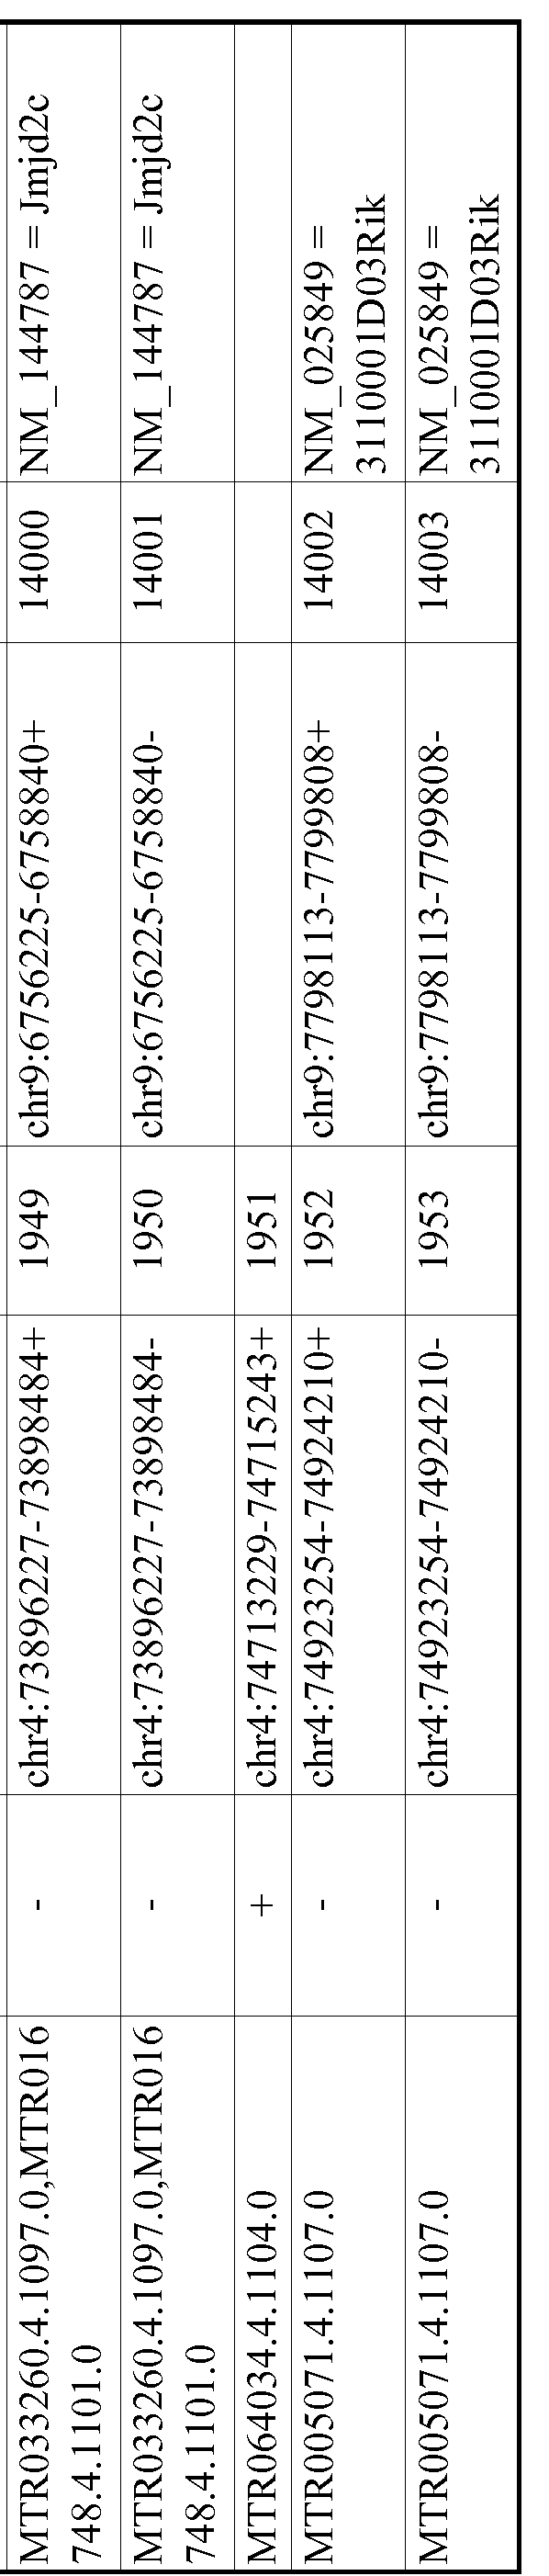 Figure imgf000458_0002